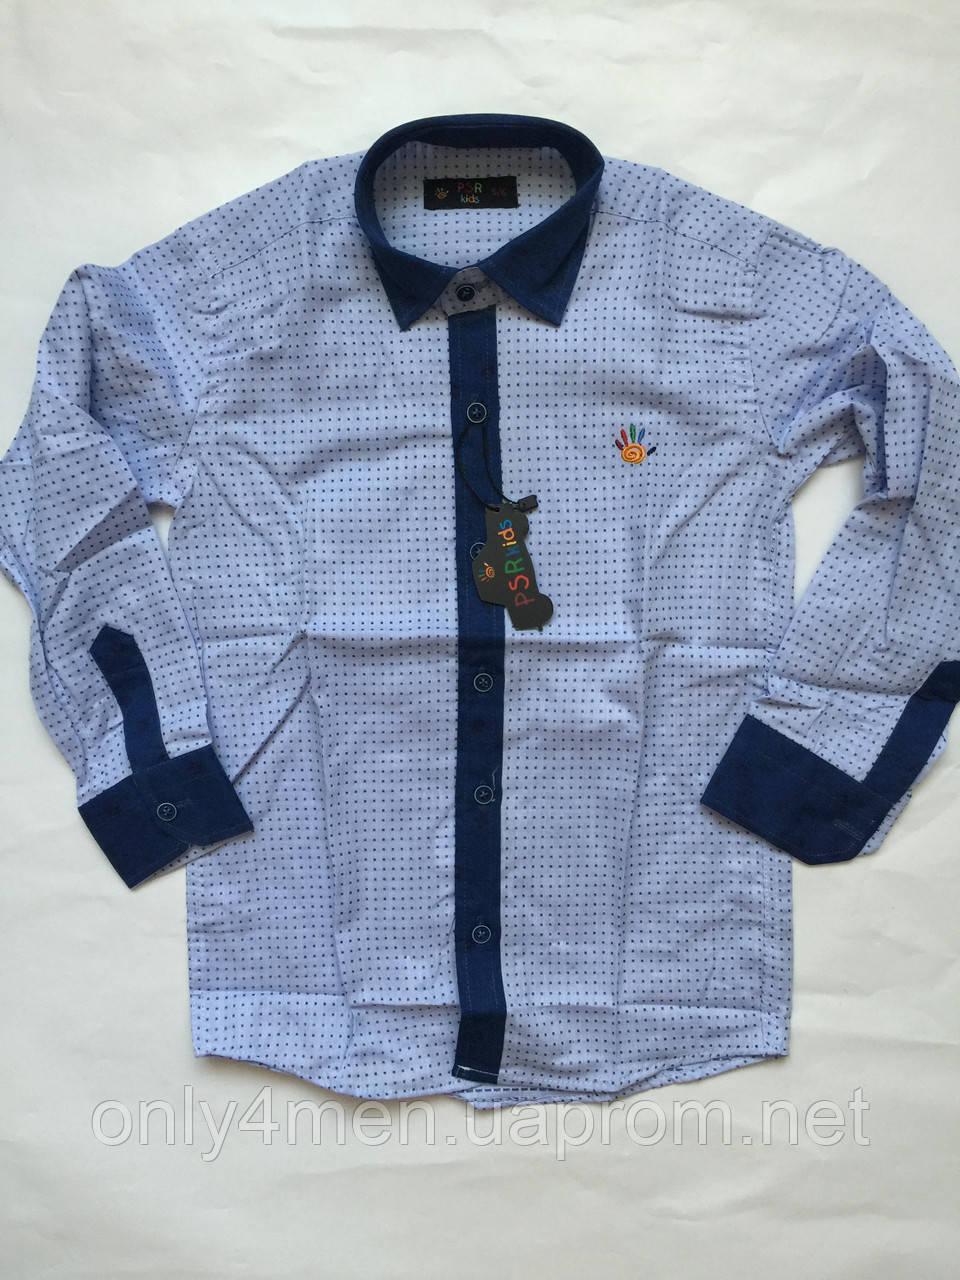 Рубашка с джинс отделкой для мальчиков 5-16 лет